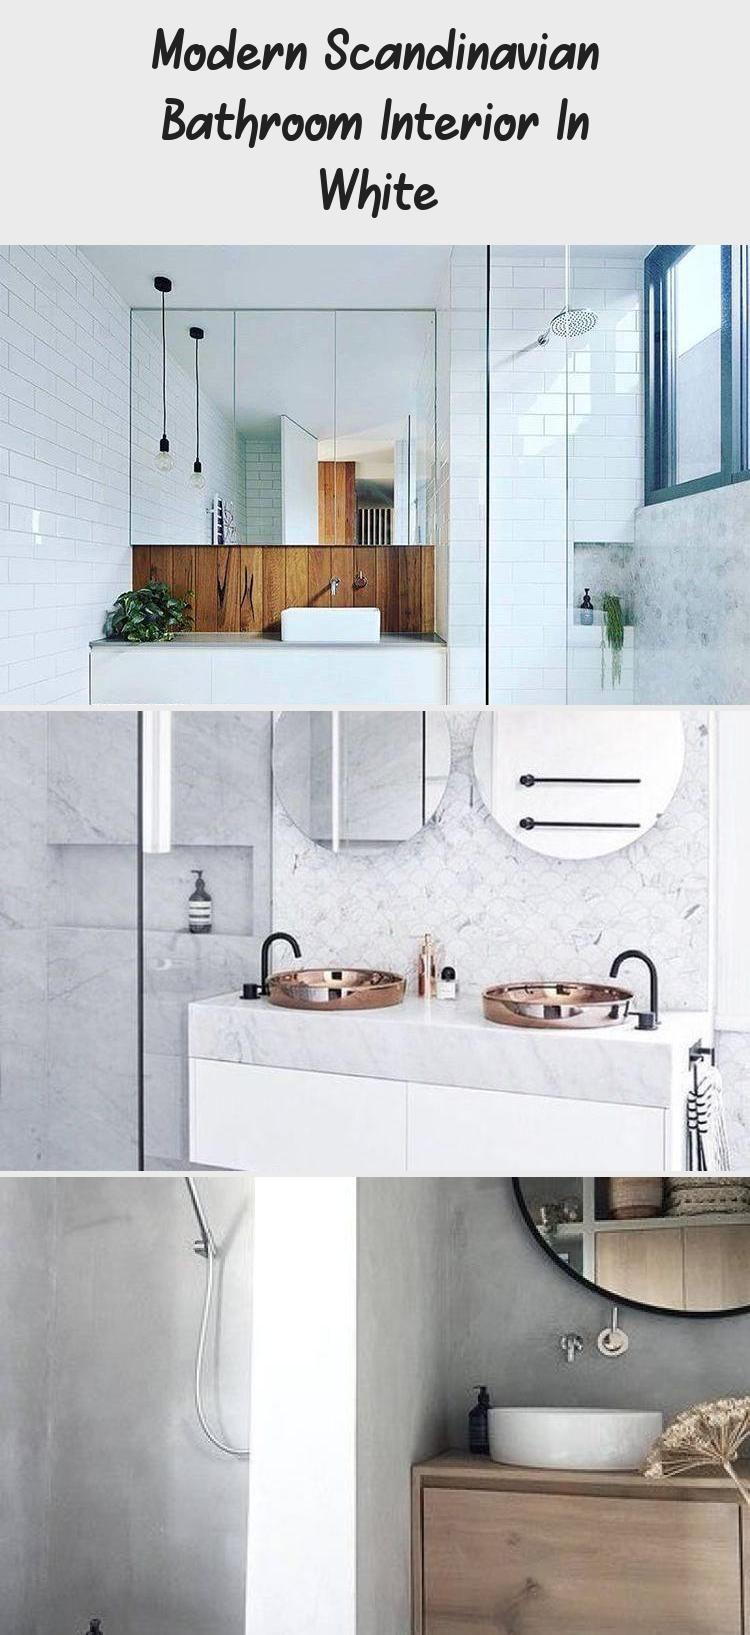 Photo of Modernes skandinavisches Badezimmer-Interieur in Weiß – DEKORATION